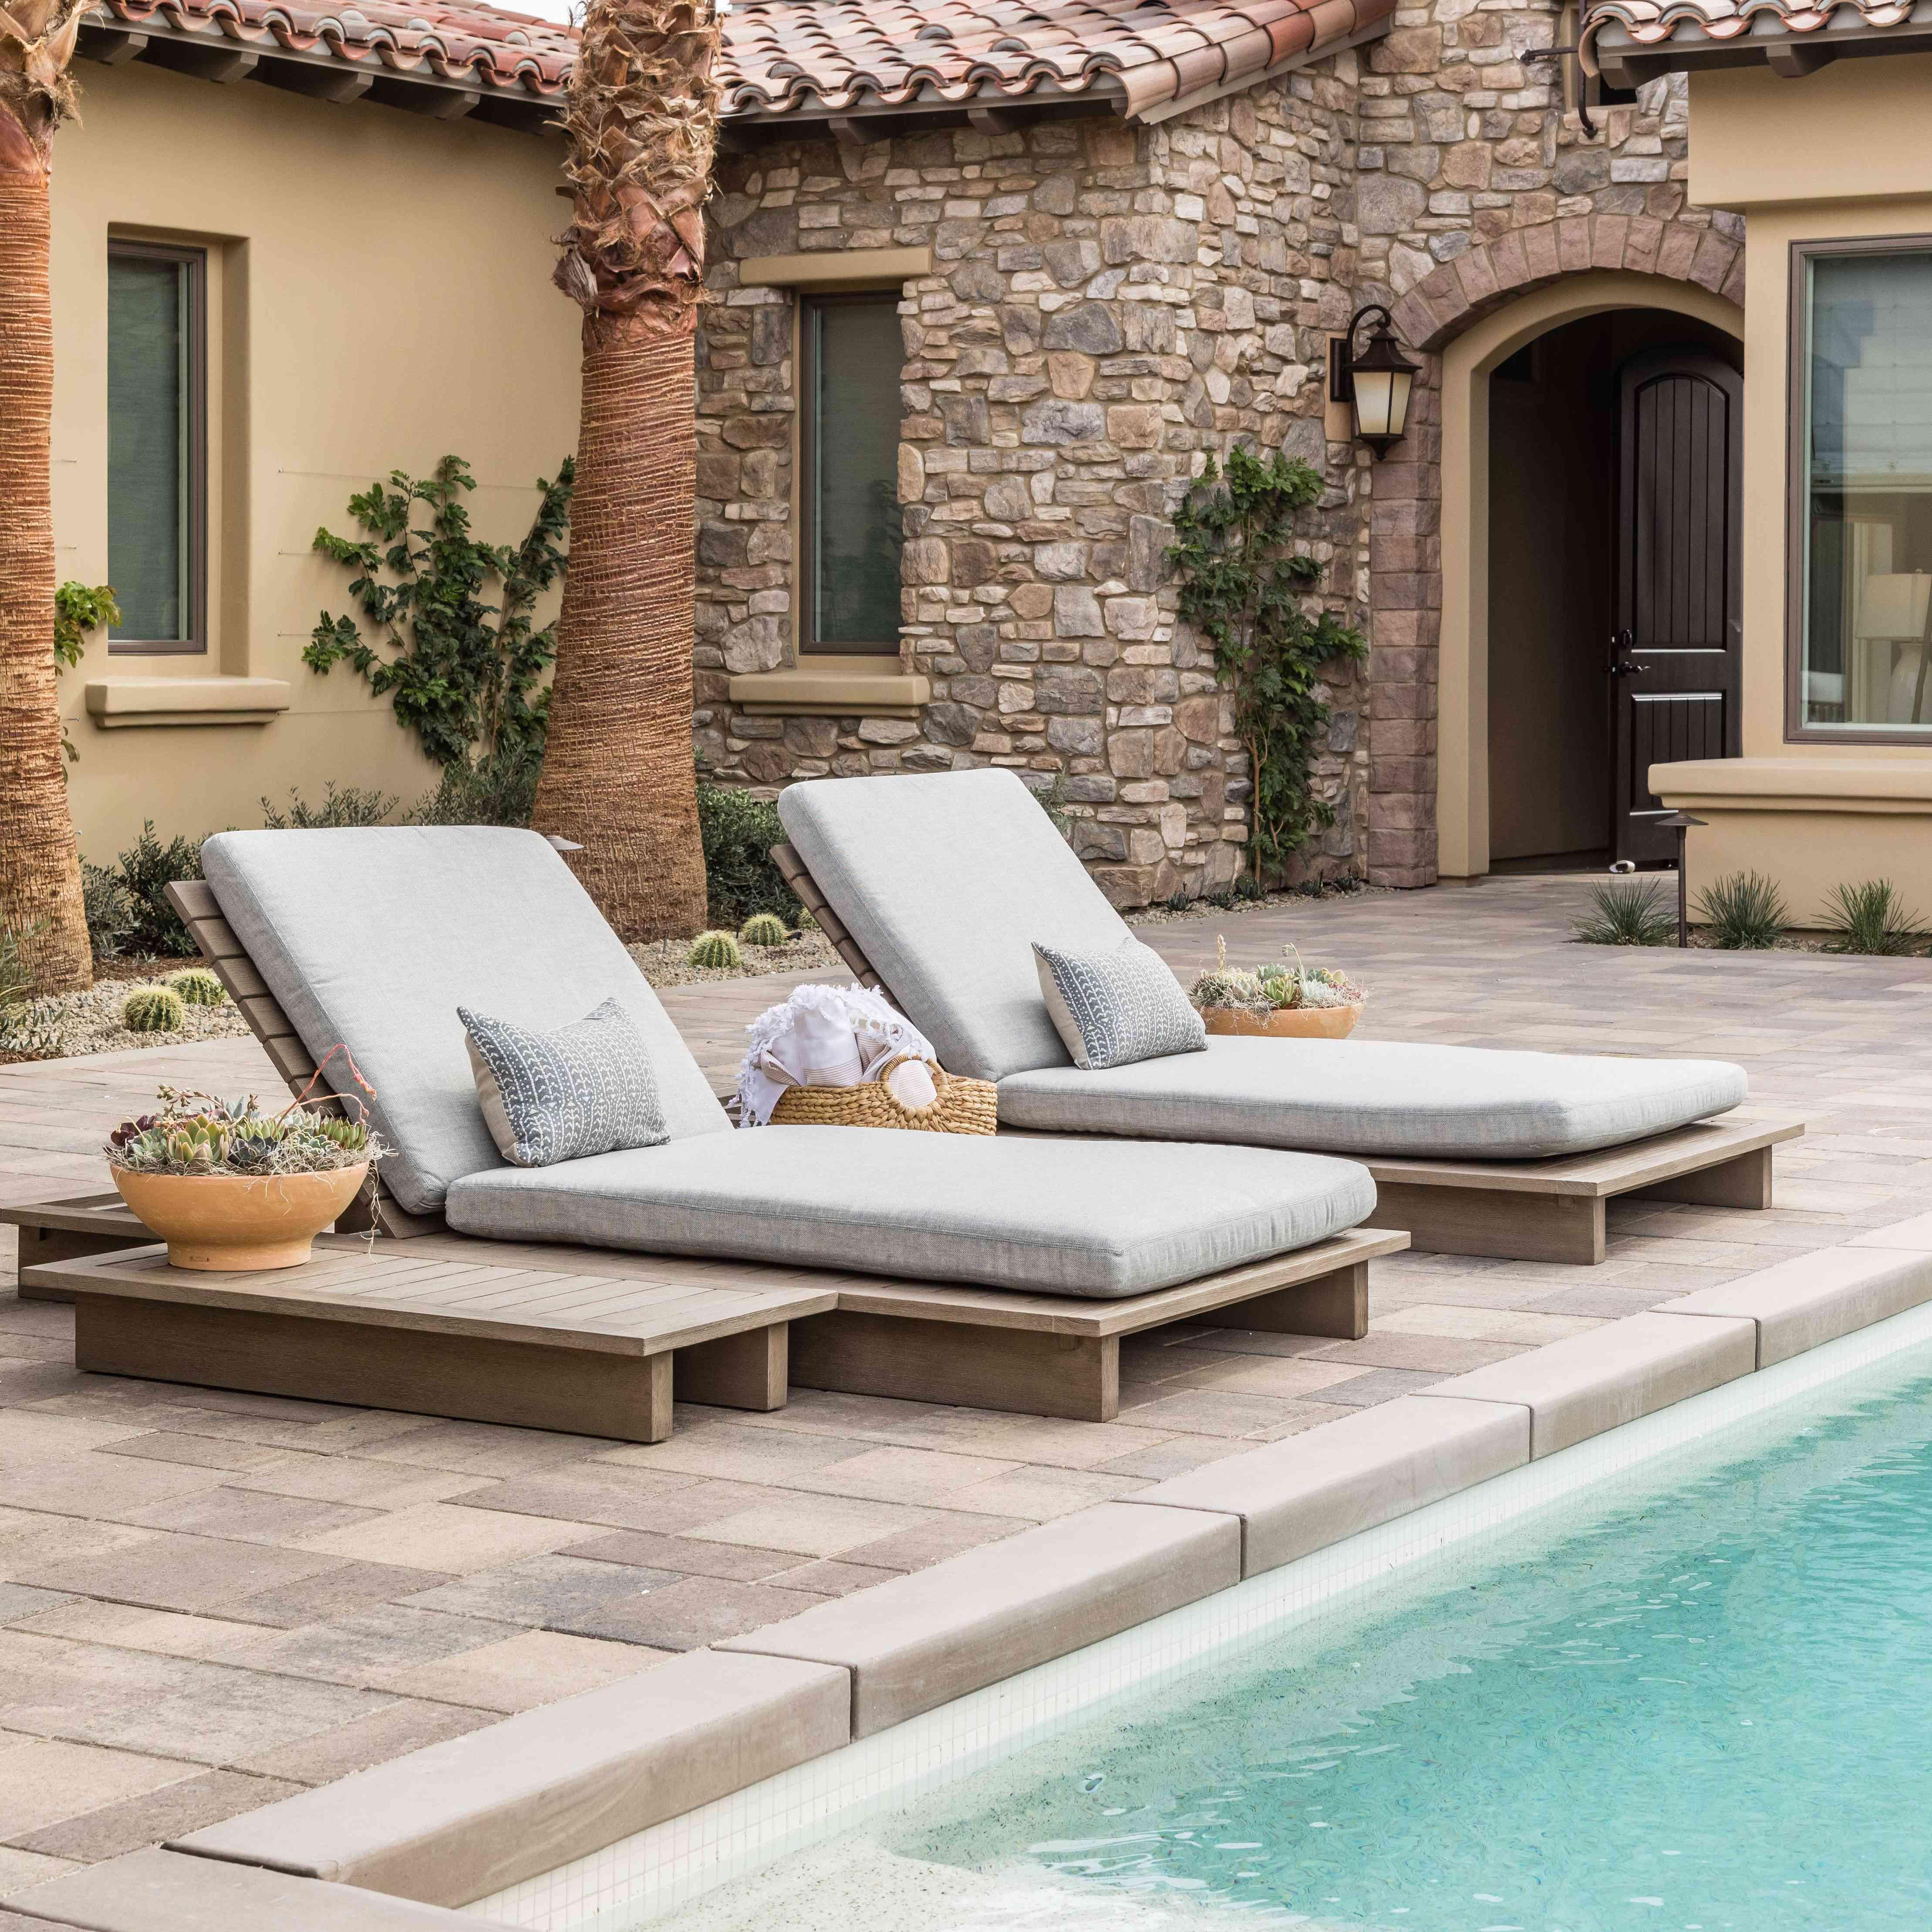 visita guiada a los interiores de sal pura - patio exterior con piscina